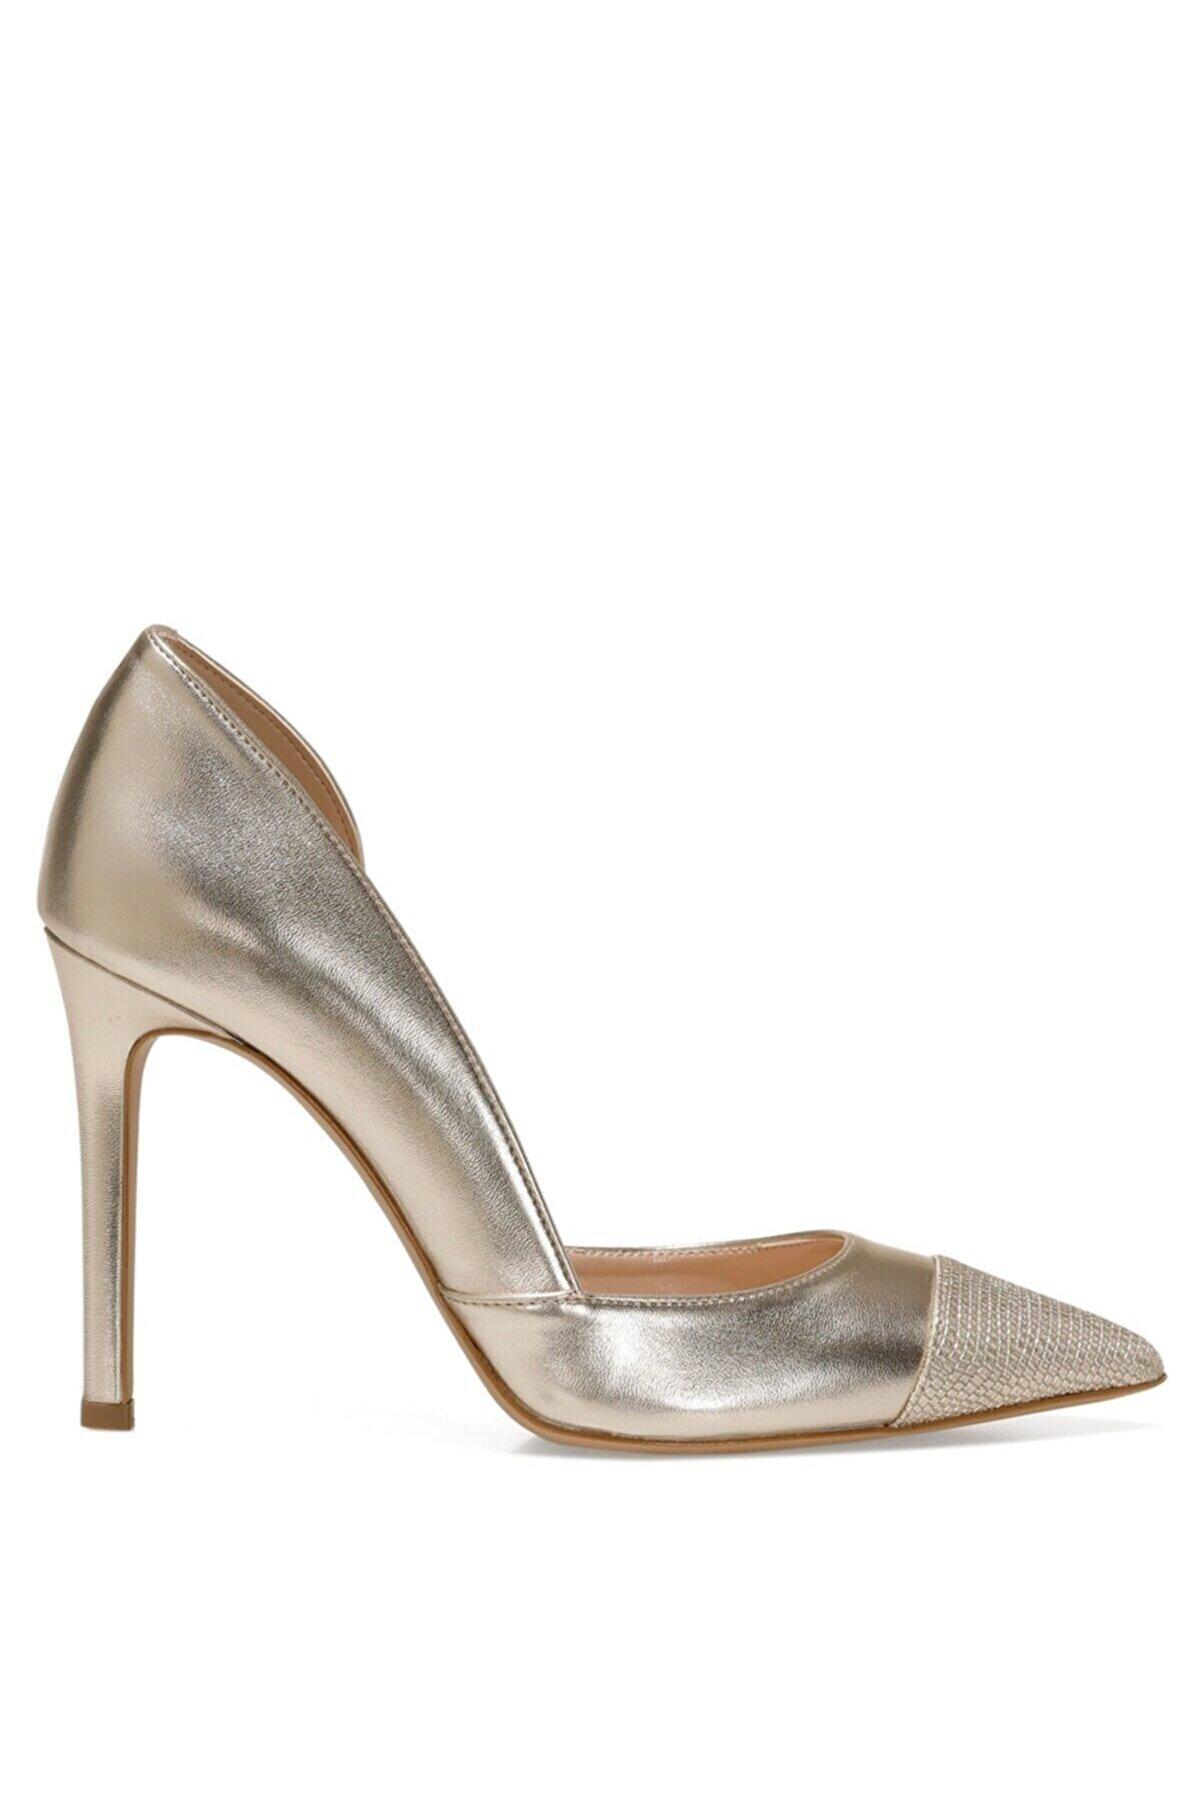 Nine West MERNANI 1FX Altın Kadın Gova Ayakkabı 101012991